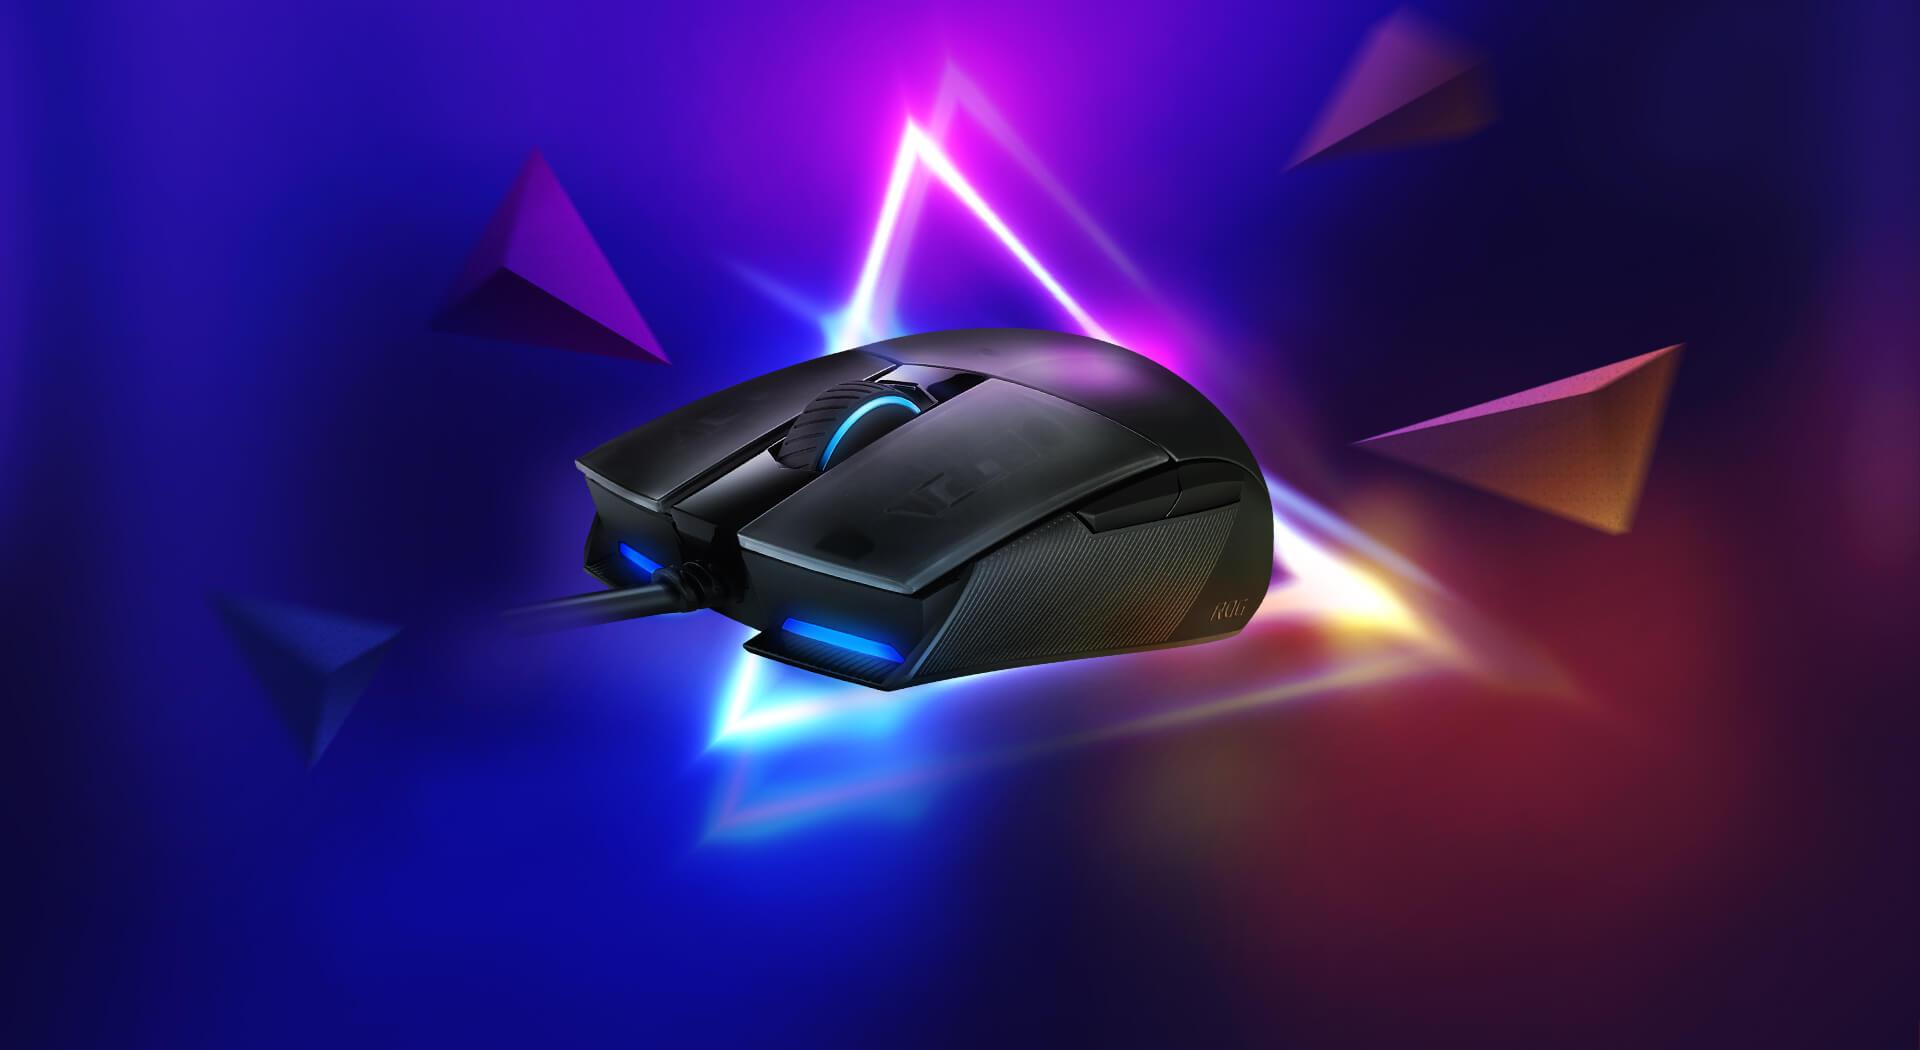 Giới thiệu Chuột Asus ROG Strix Impact II (USB/RGB/Đen)